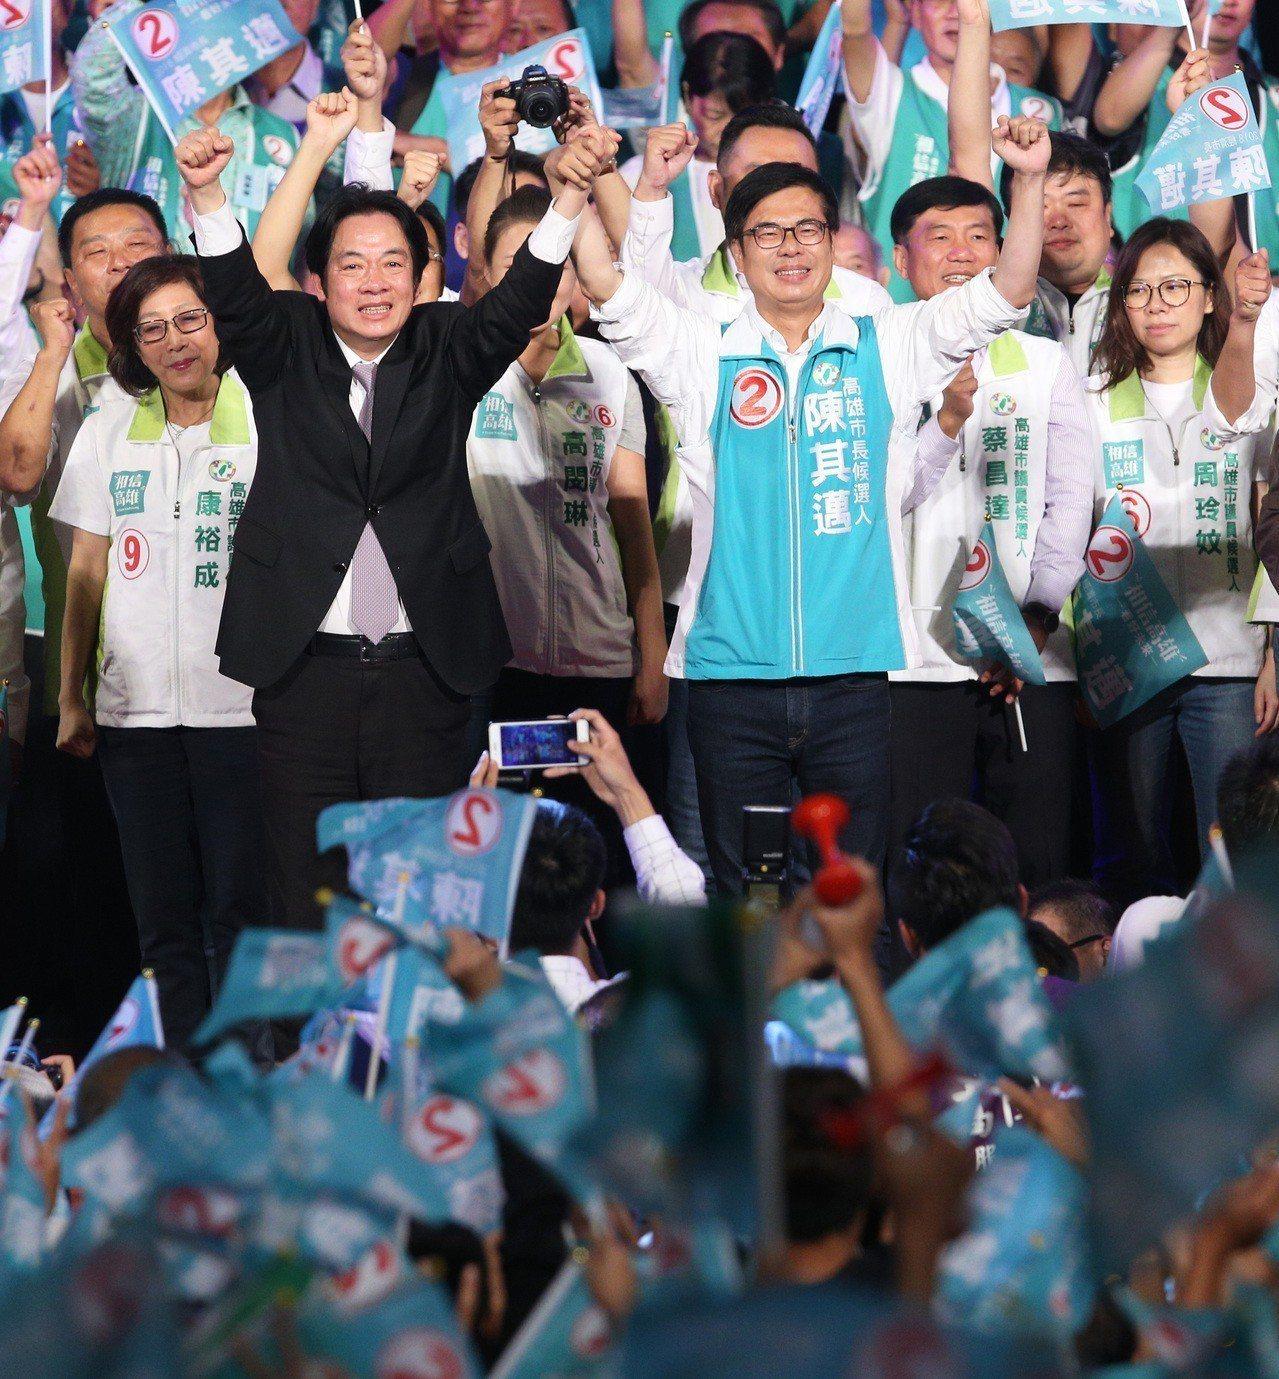 行政院長賴清德(前左起)嘶吼為陳其邁高喊凍蒜。記者劉學聖/攝影